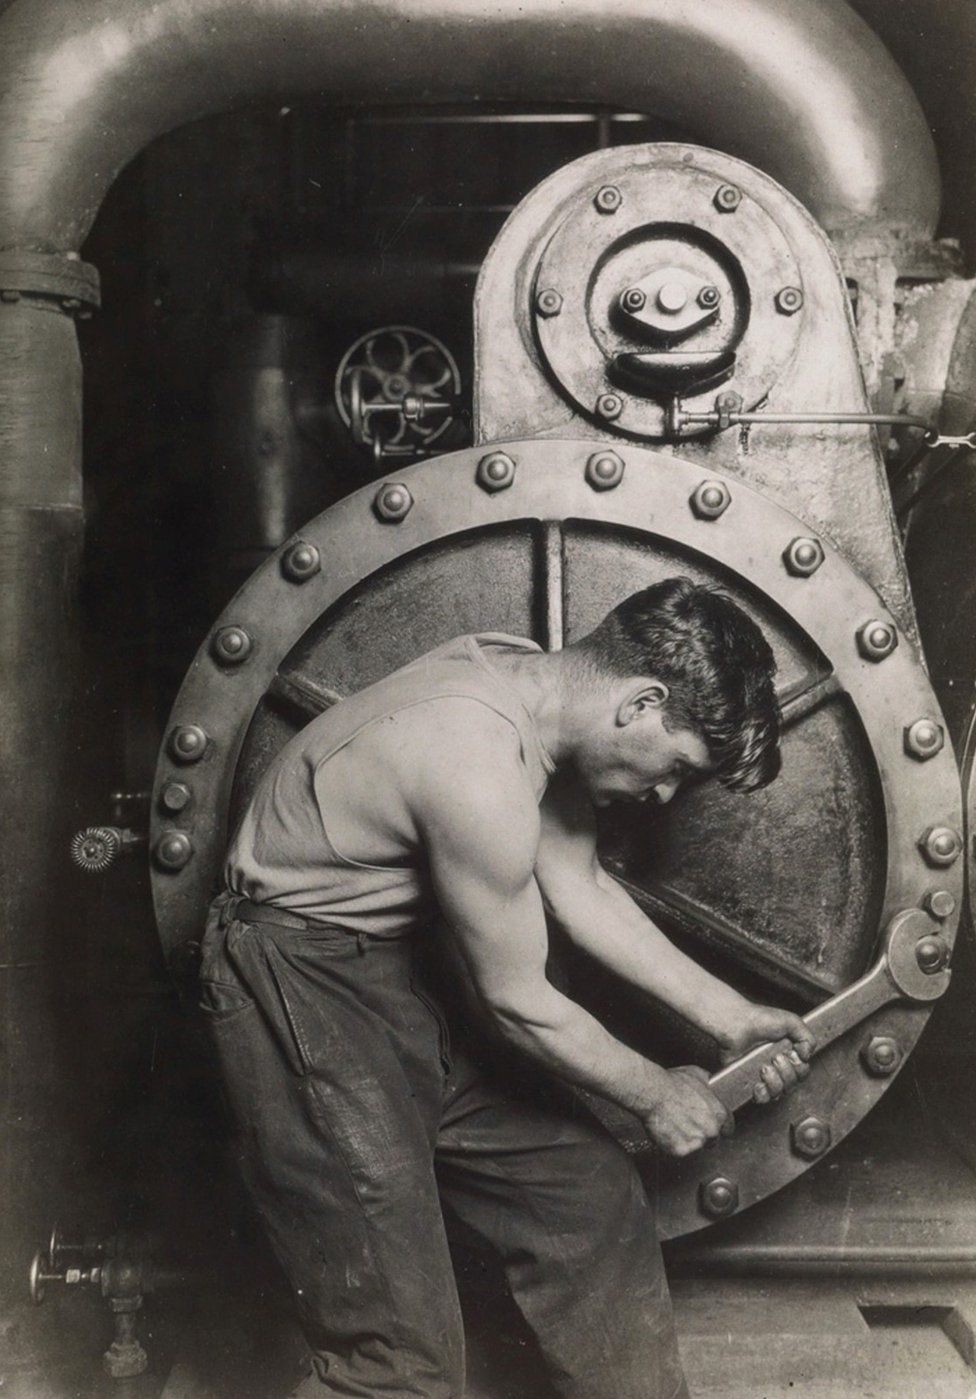 Un meccanico della Steam Pump alla Electric Power House, circa 1921. La rara stampa di questa fotografia è stata venduta per quasi 70mila euro. Credit: archivio di Lewis Hine / collezione di Isador Sy Seidman / cortesia della Swann Auctions Galleries